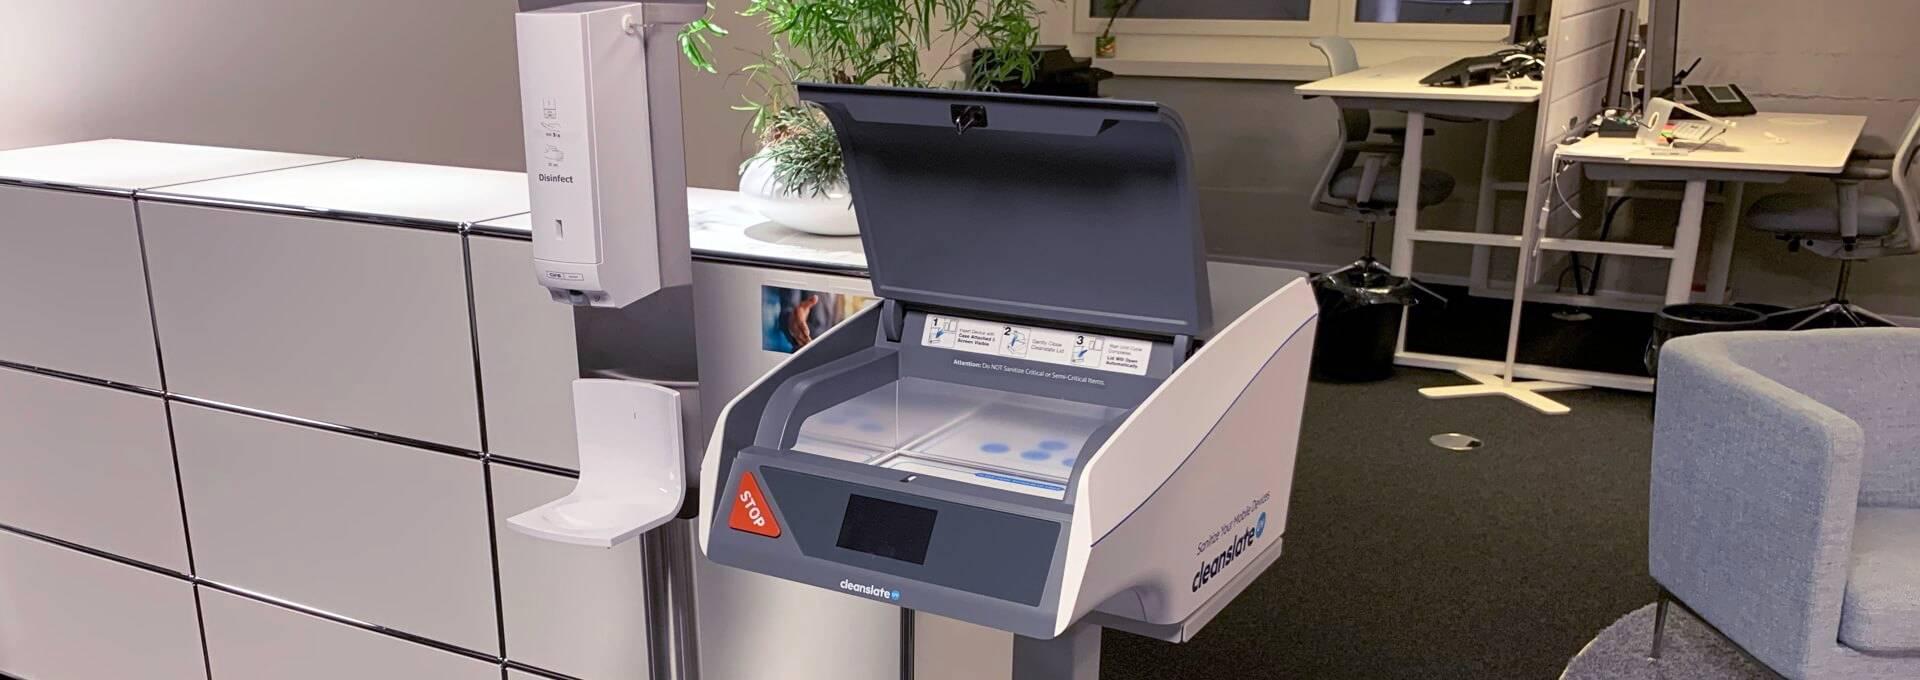 Der CleanSlate UV Sterilisator macht an der Rezeption einen professionellen Eindruck